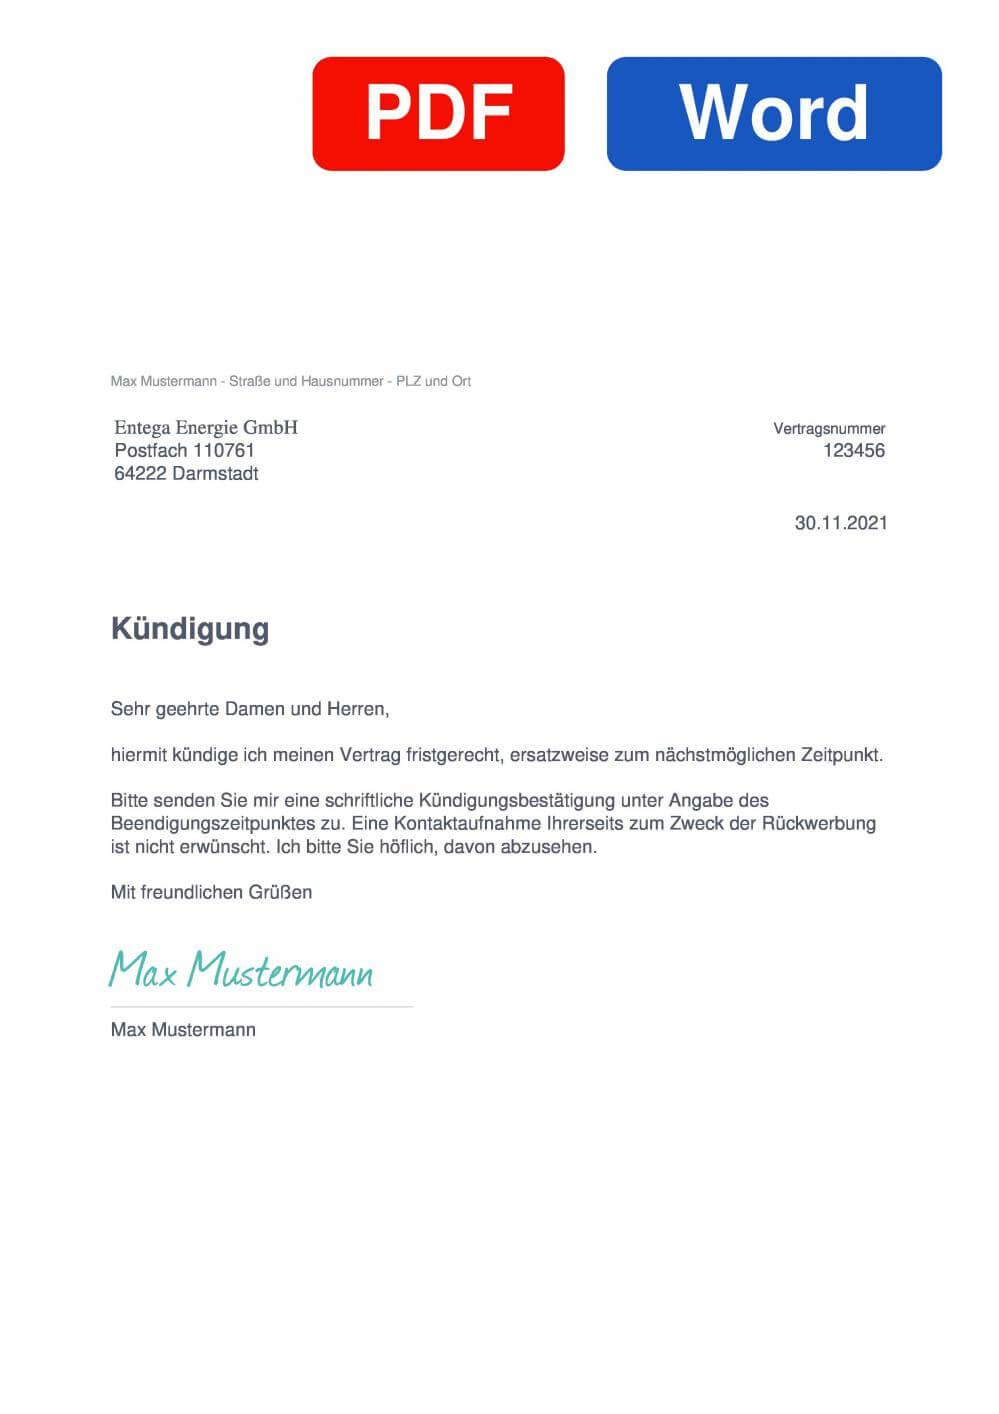 Entega Gas Muster Vorlage für Kündigungsschreiben